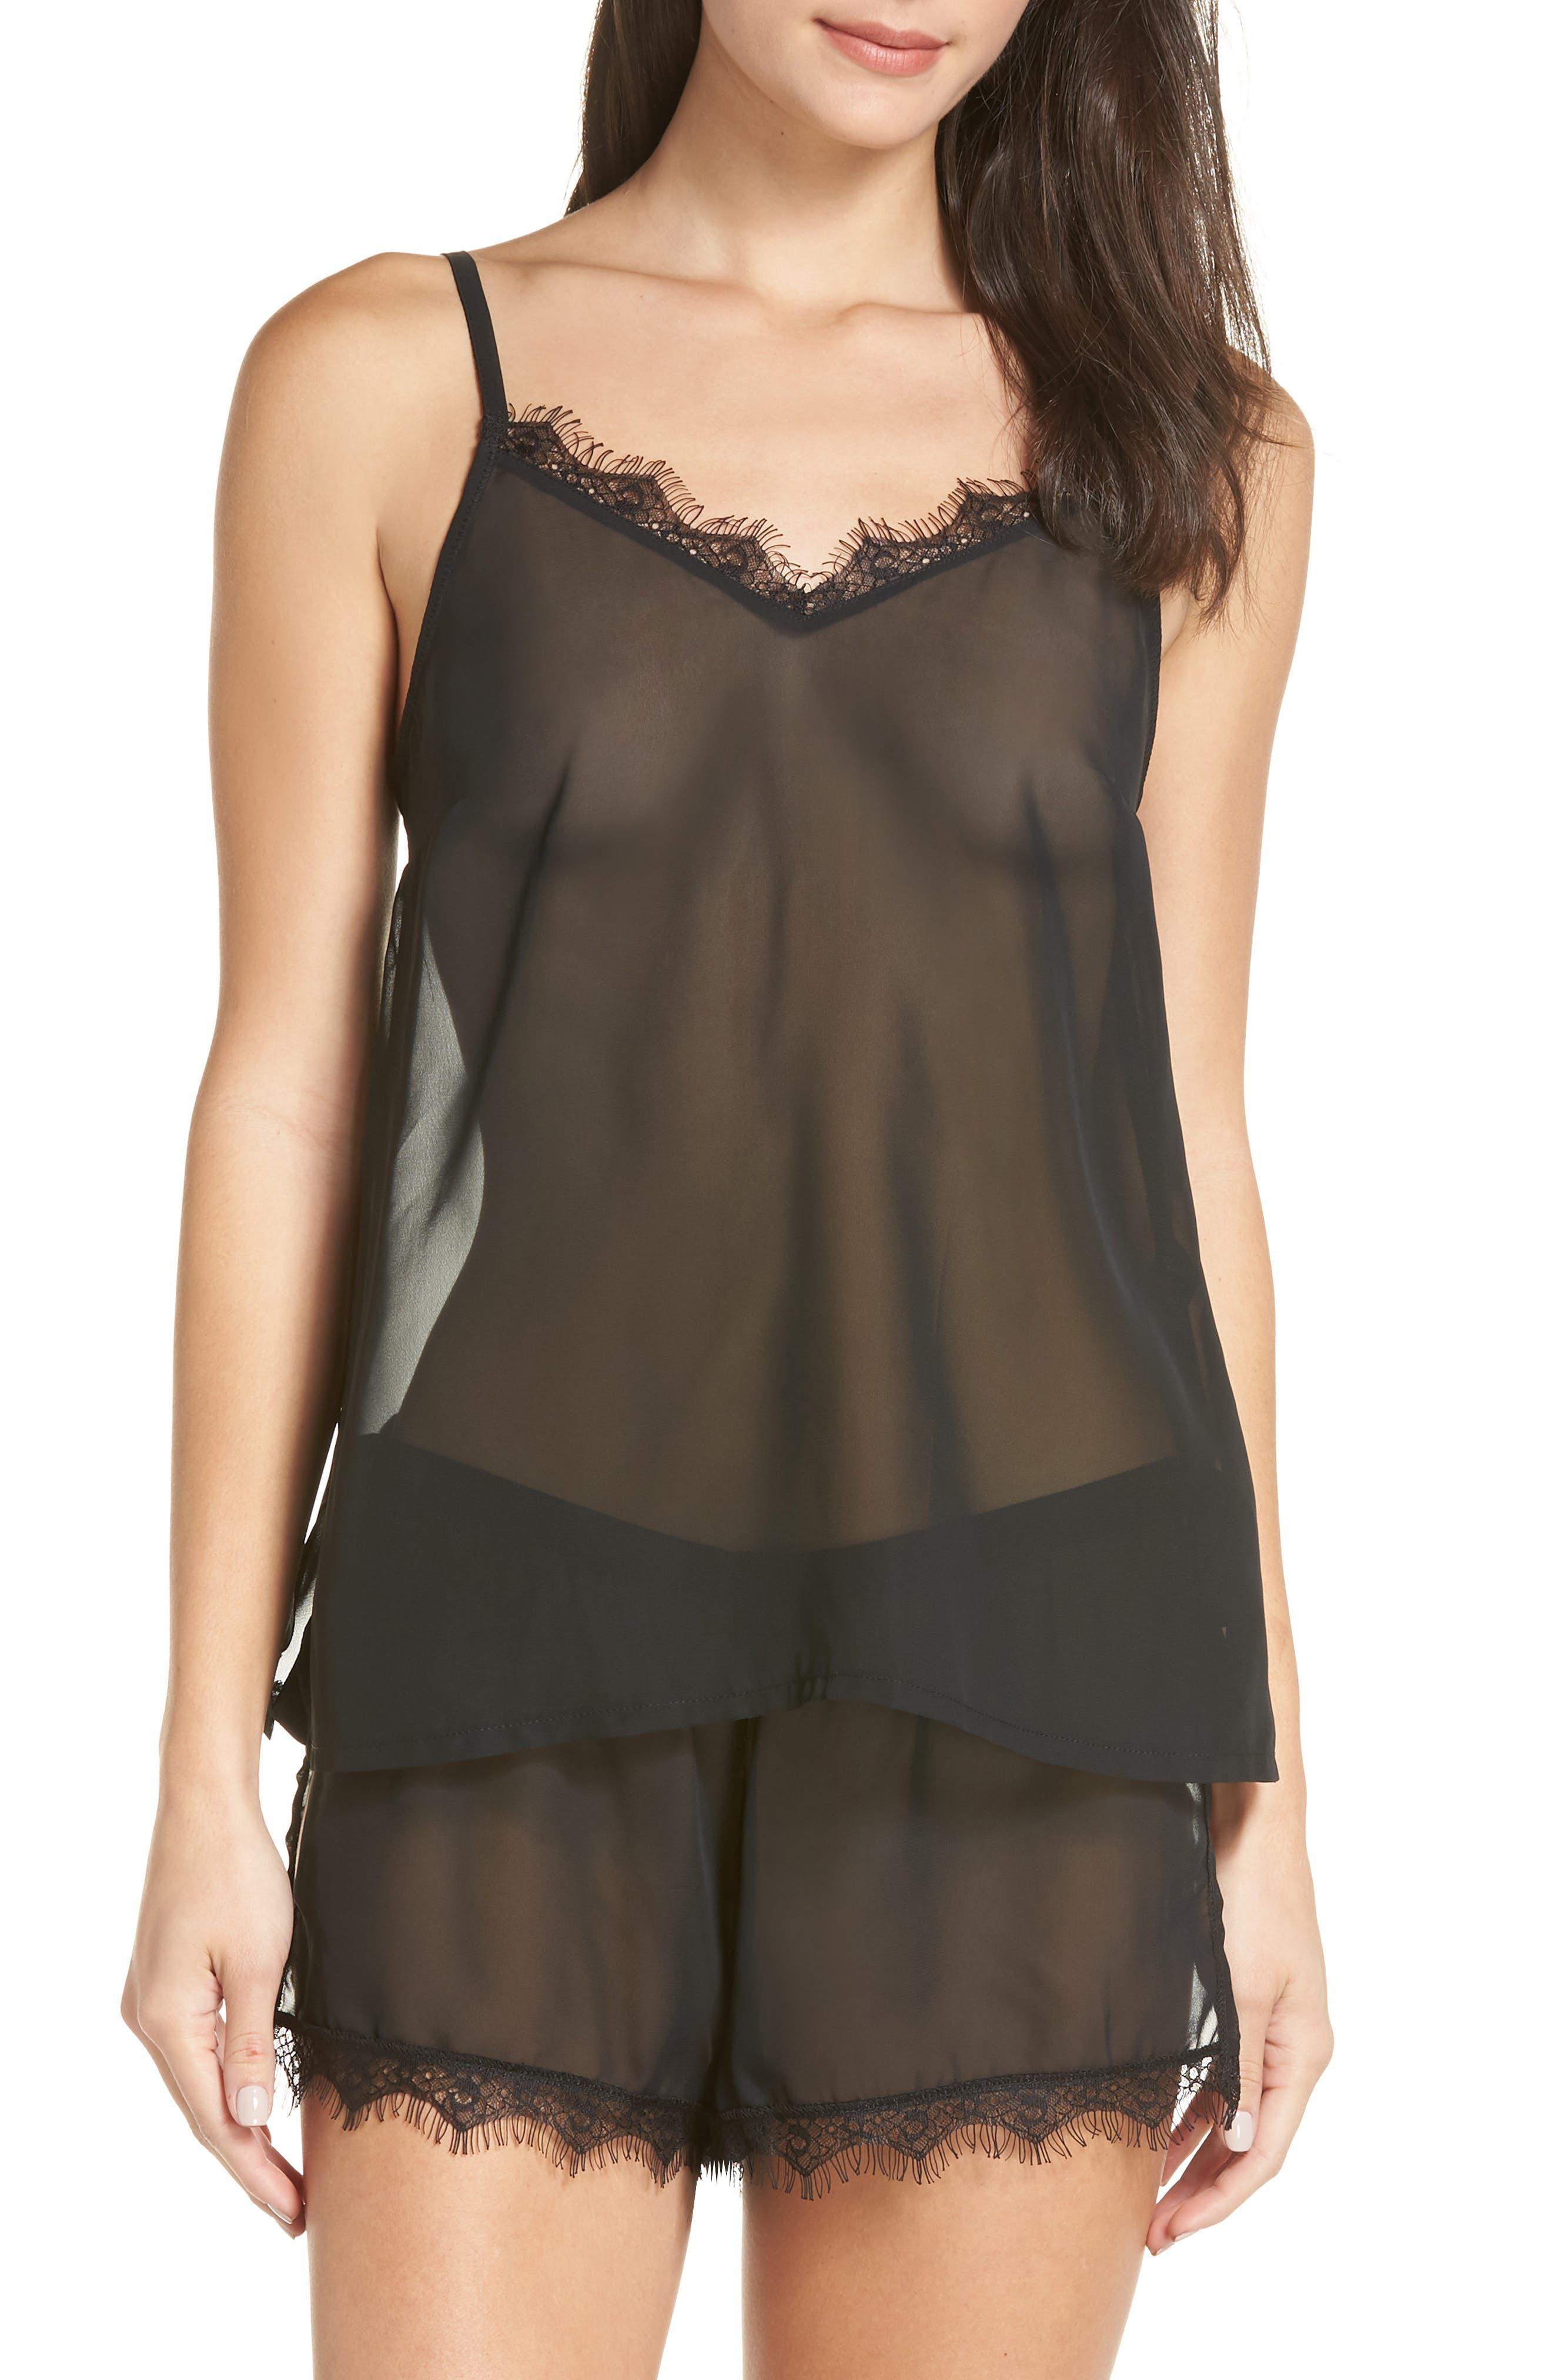 Copper Sheer Short Pajamas,                             Main thumbnail 1, color,                             BLACK